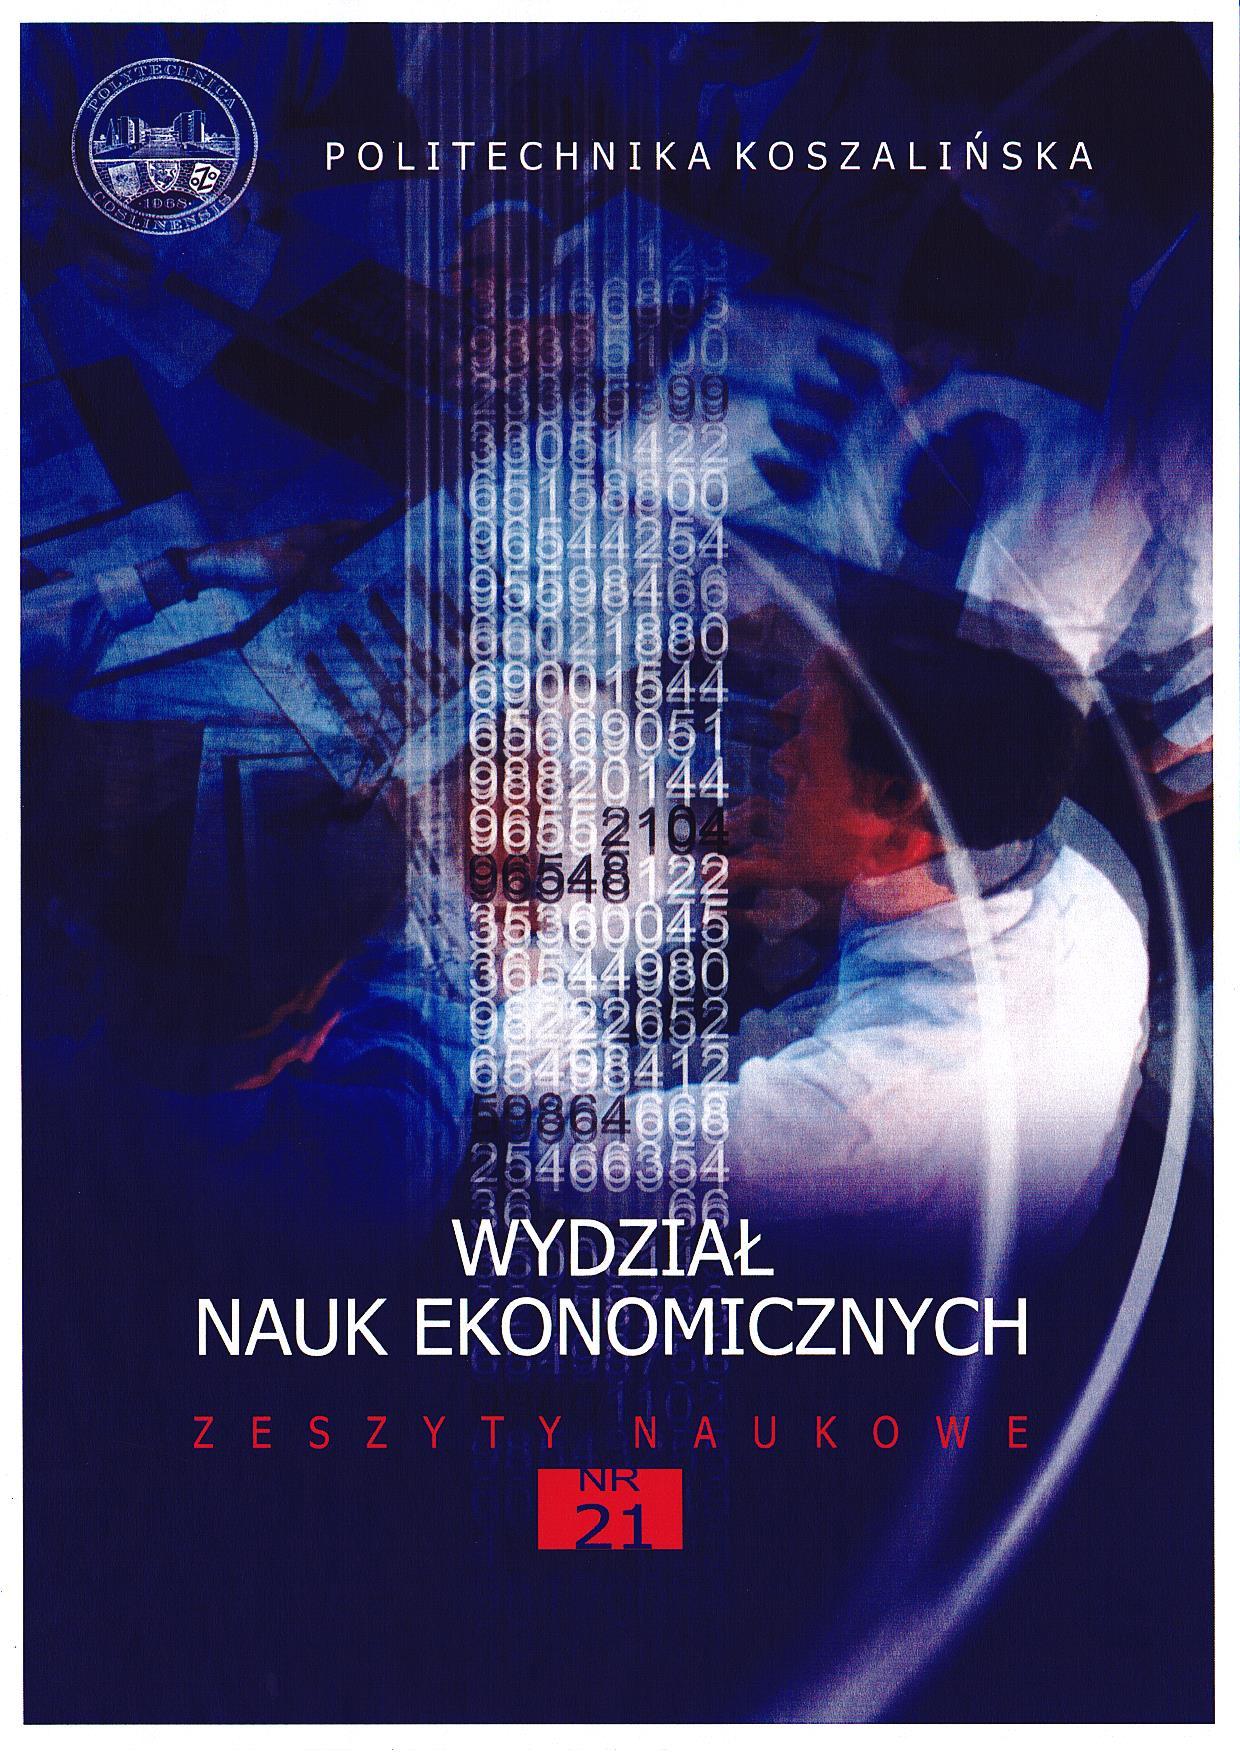 Zeszyty Naukowe nr 21/2017